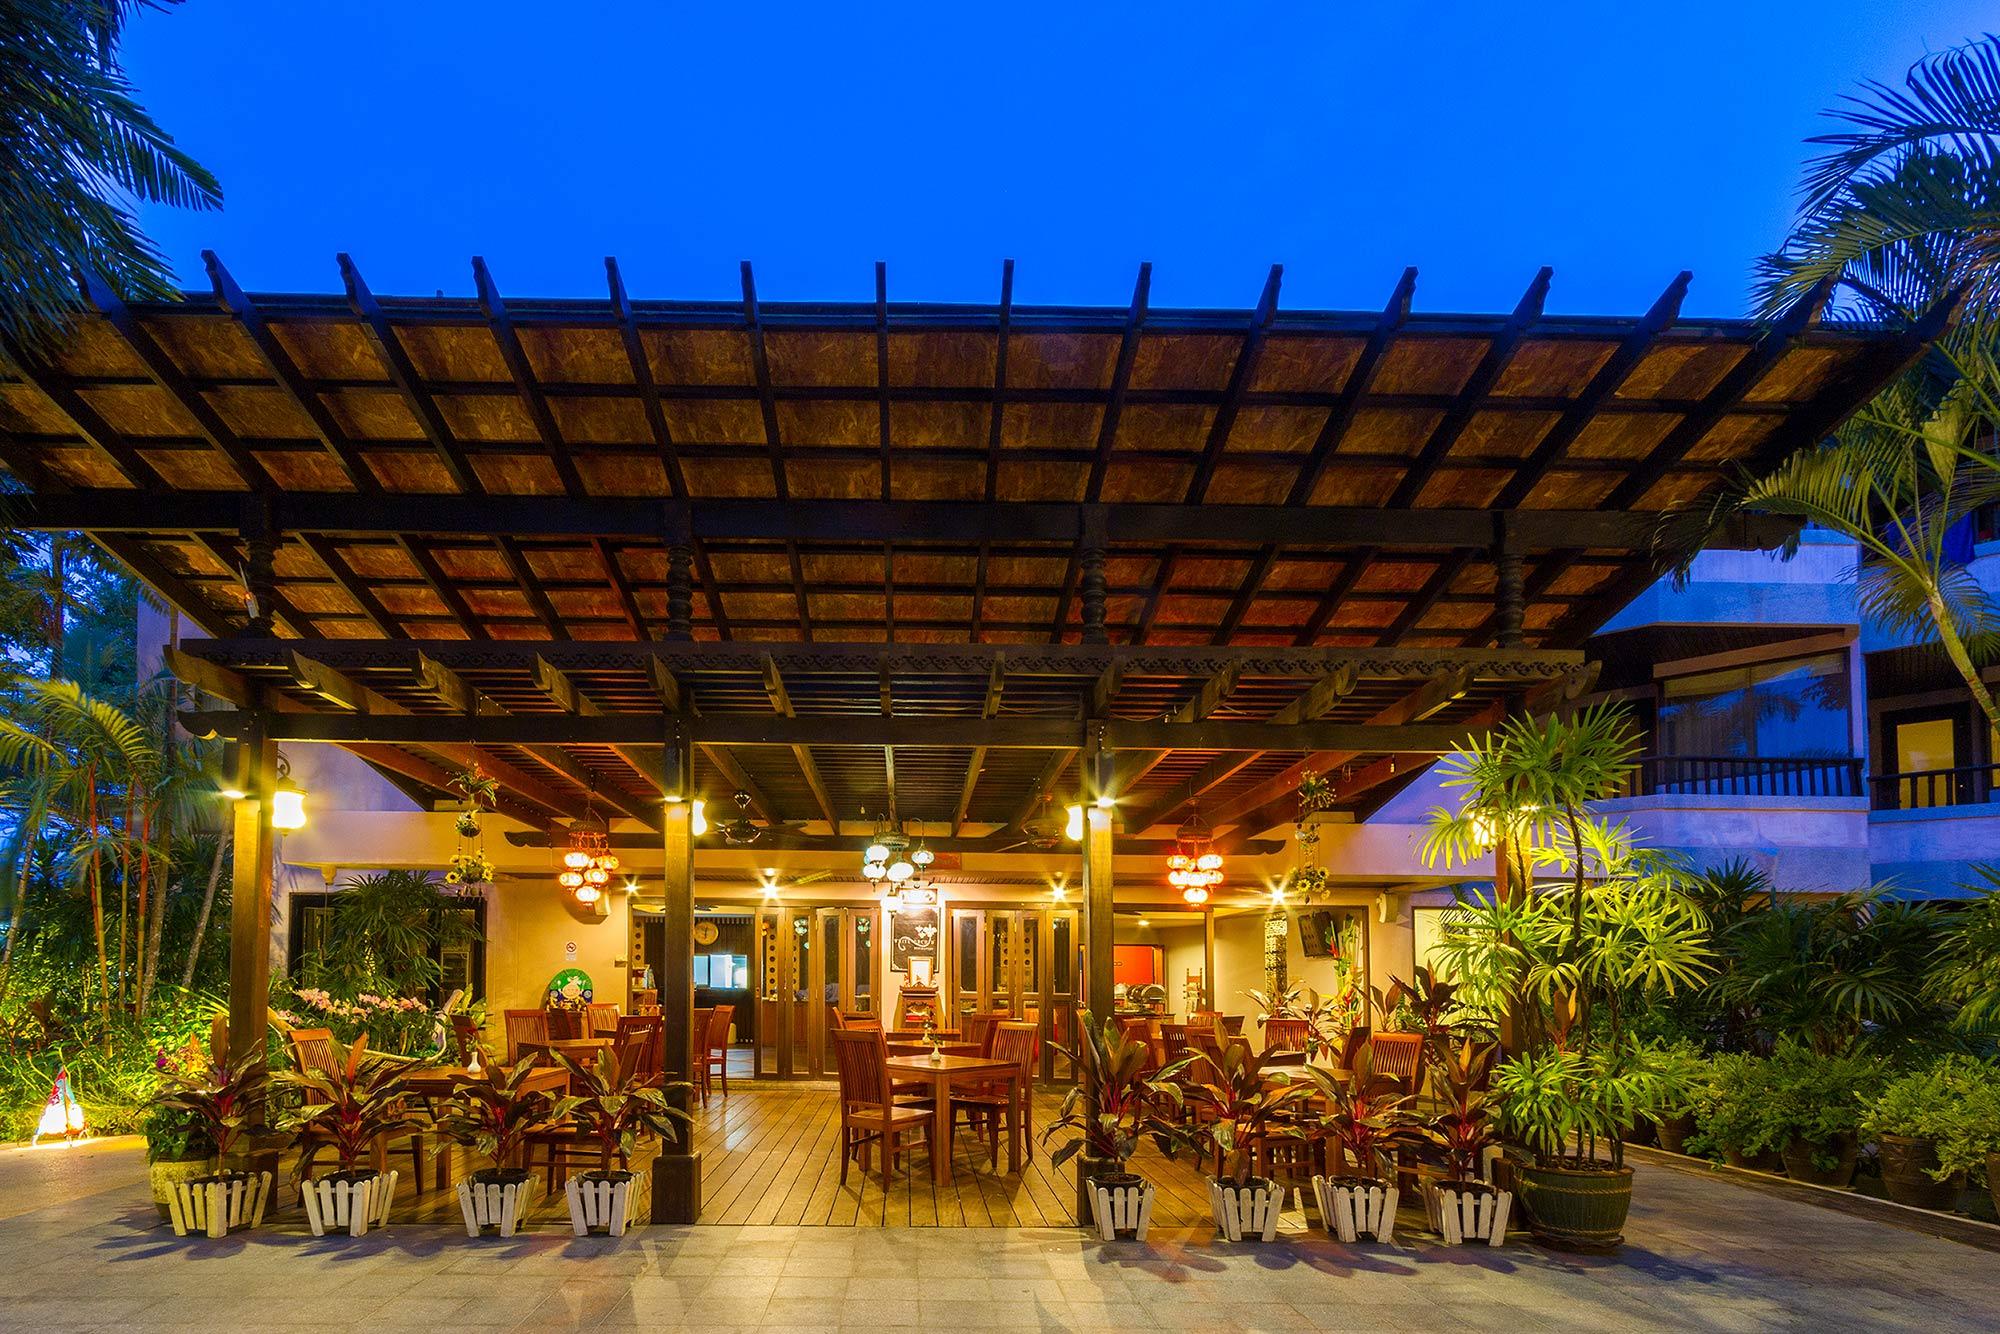 อ่าวนางปริ้นซ์วิลล รีสอร์ทแอนด์สปา  อ่าวนาง ปริ๊นซ์วิลล์ รีสอร์ท แอนด์ สปา Aonang Princeville Resort IMG 0274